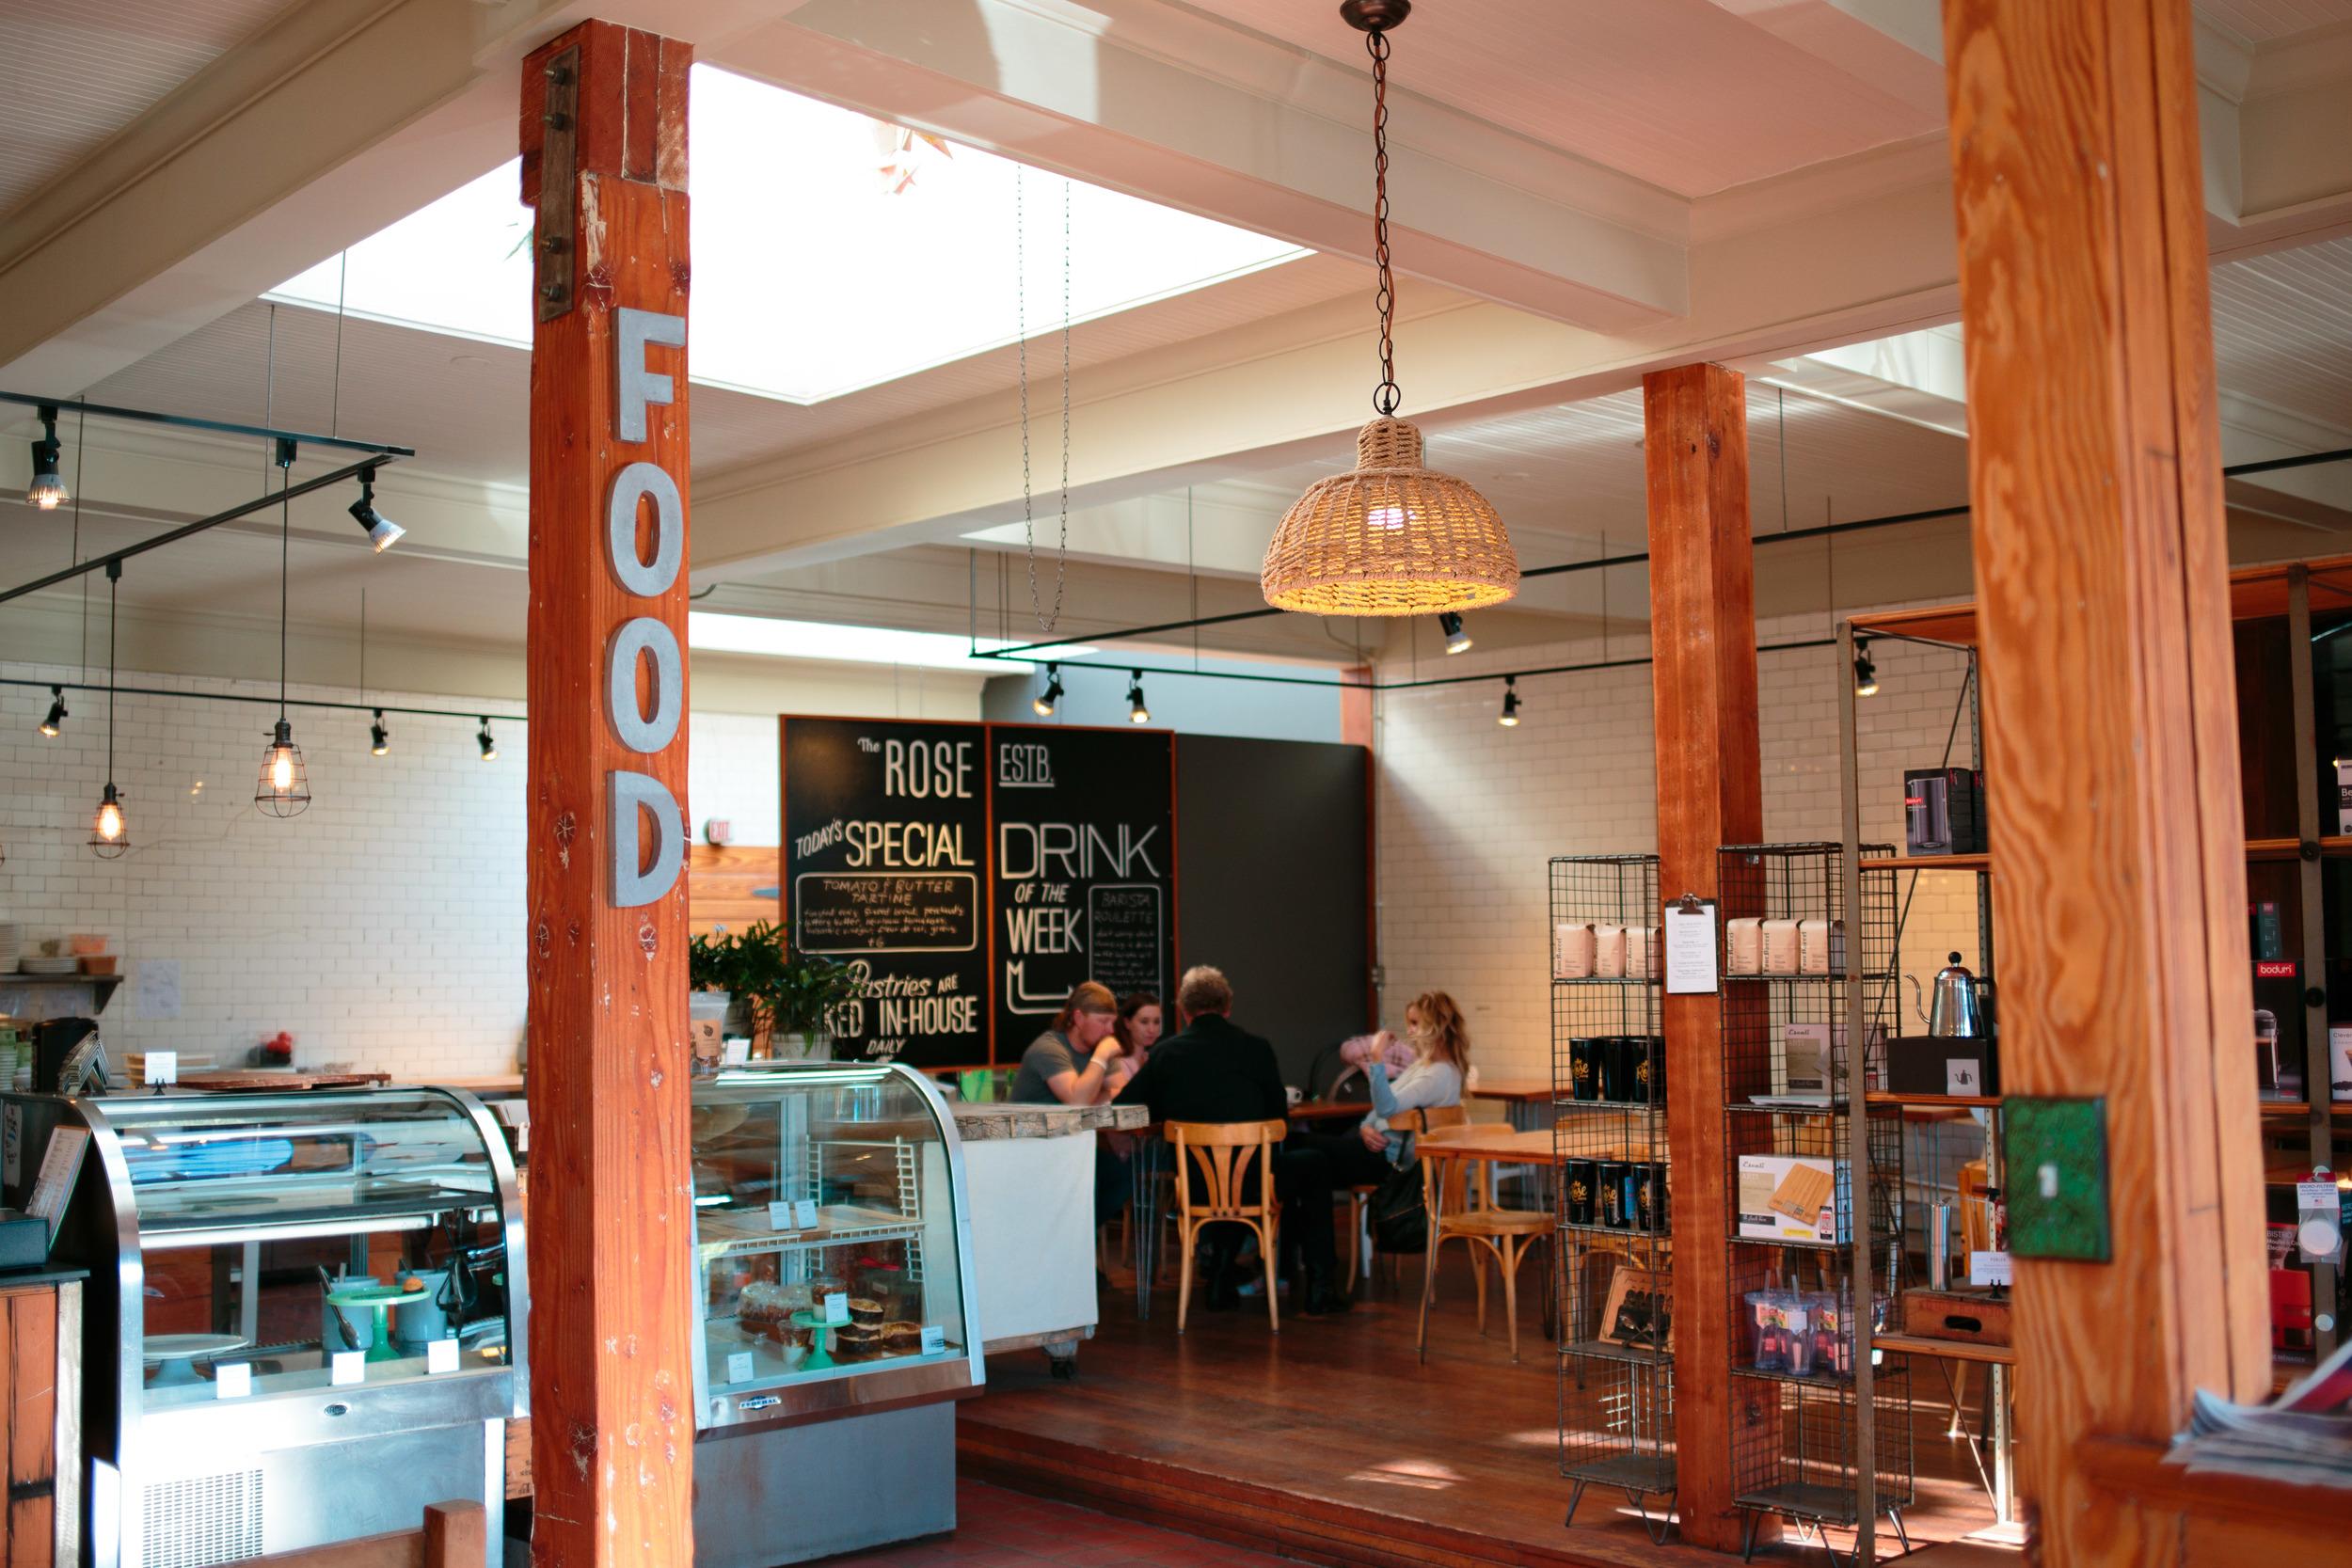 Rose Establishment Reclaimed Industrial Building Interior Design Cafe